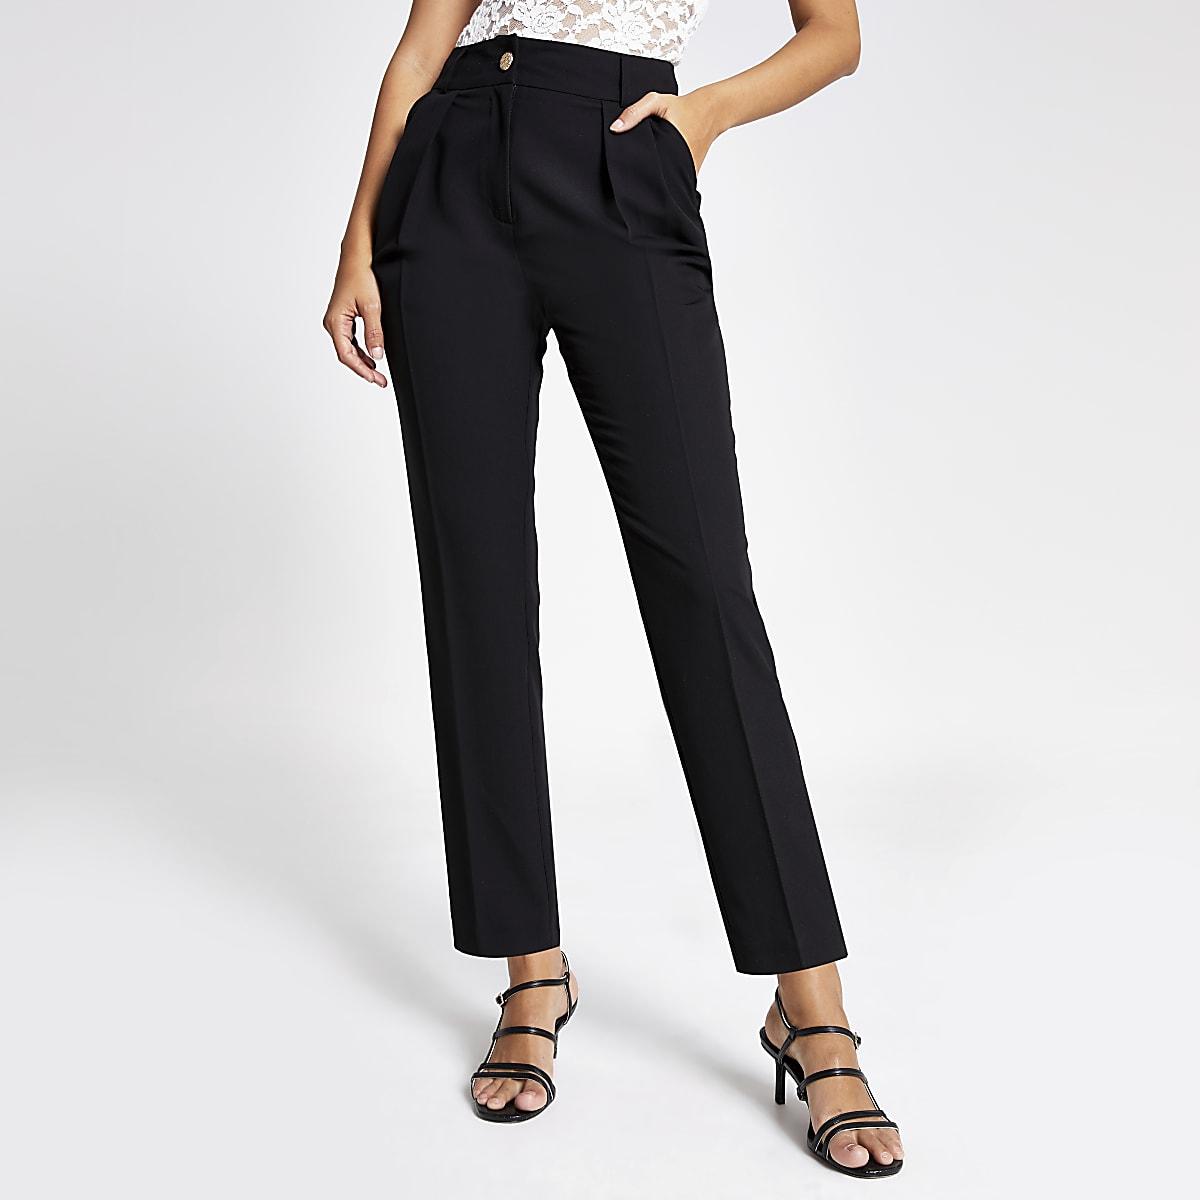 Zwarte smaltoelopende broek met plooien voor